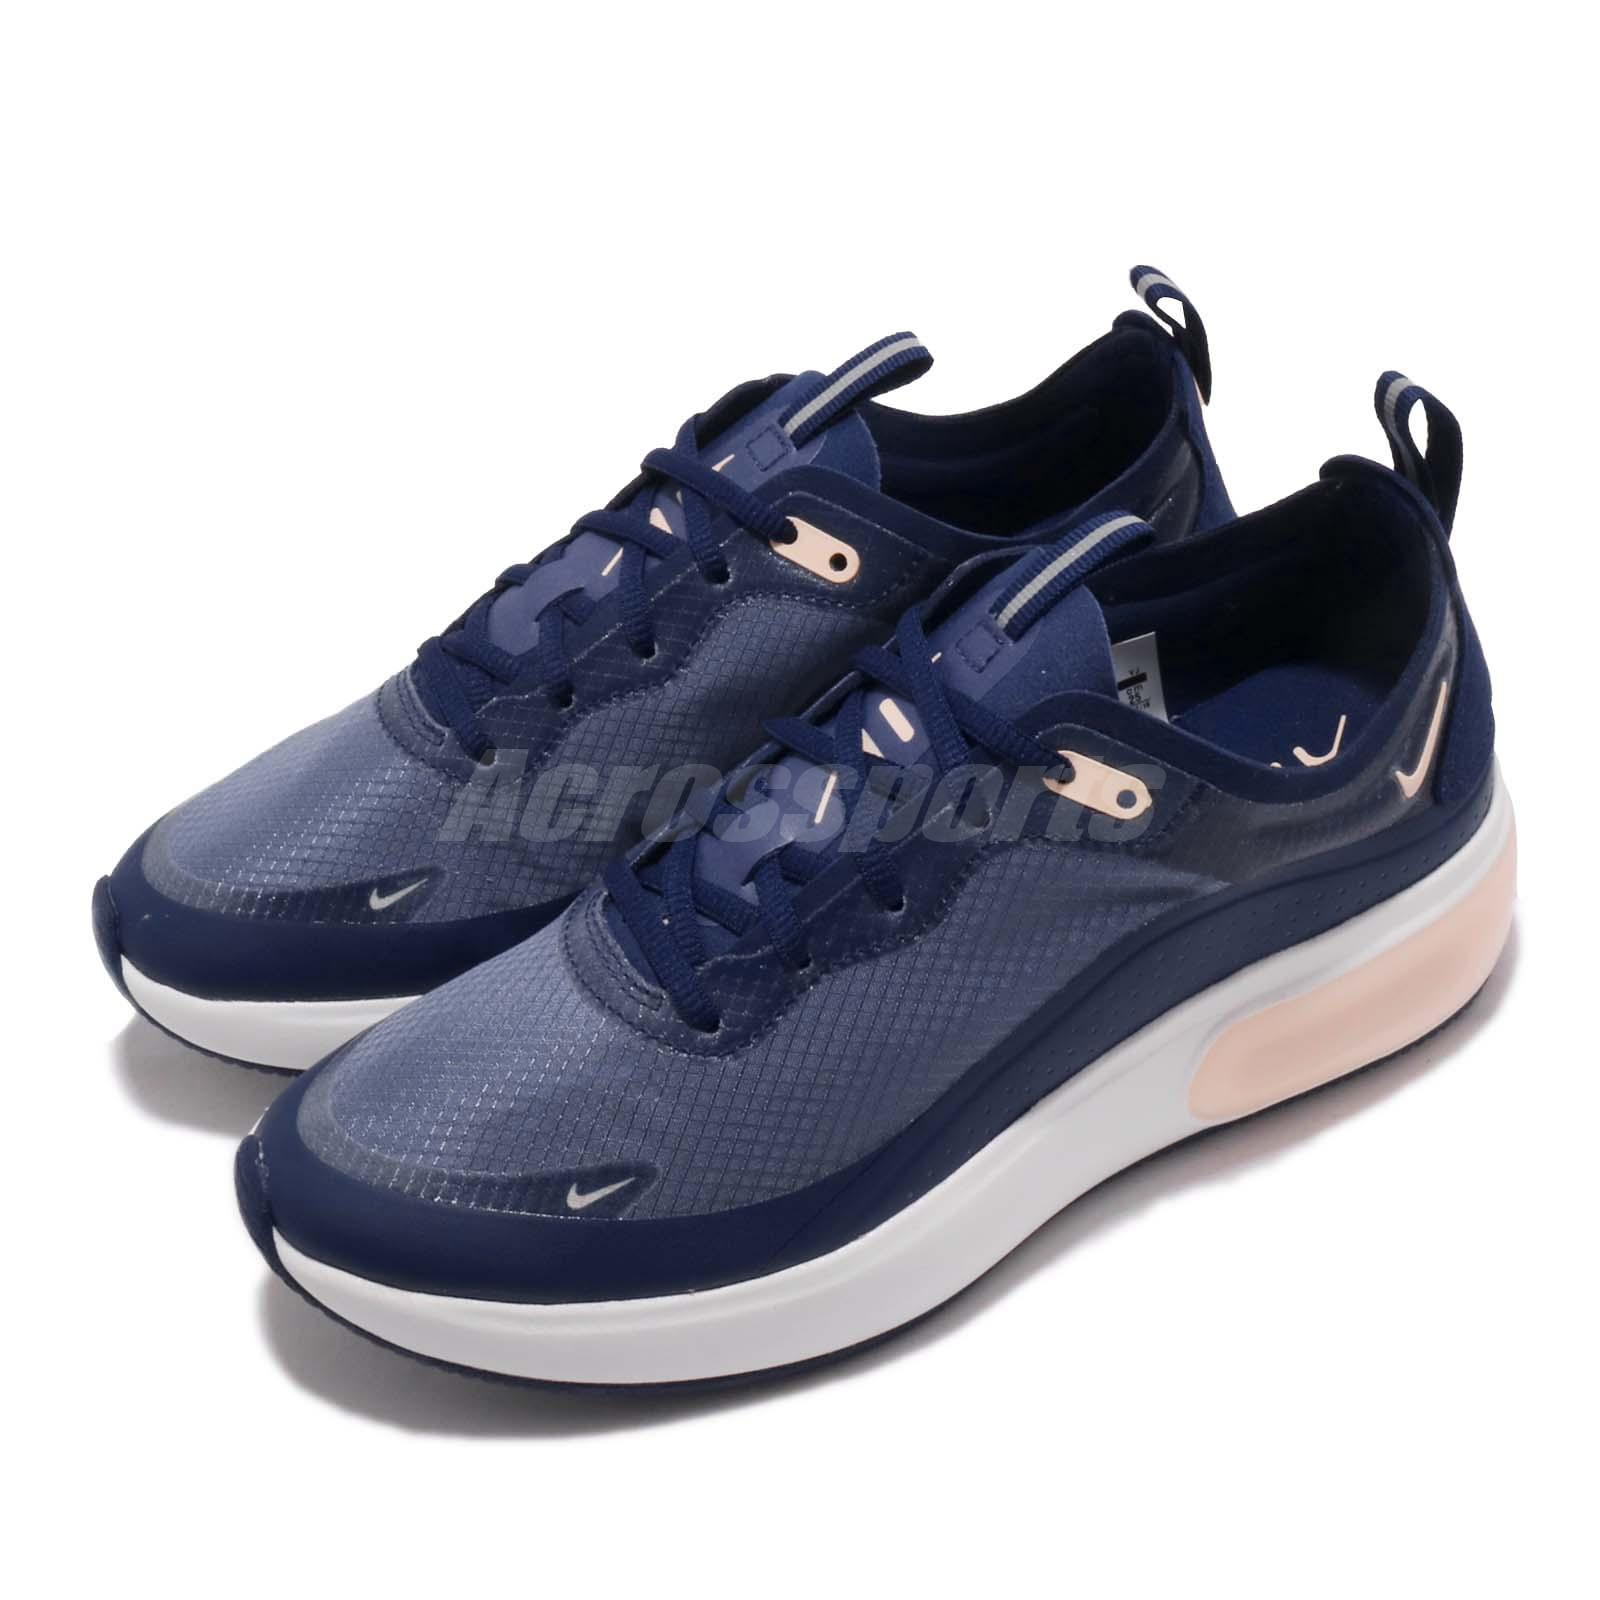 Detalles acerca de Nike Mujeres Air Max Dia se Tinte Azul anular carmesí Zapatillas de mujer AR7410 400 mostrar título original